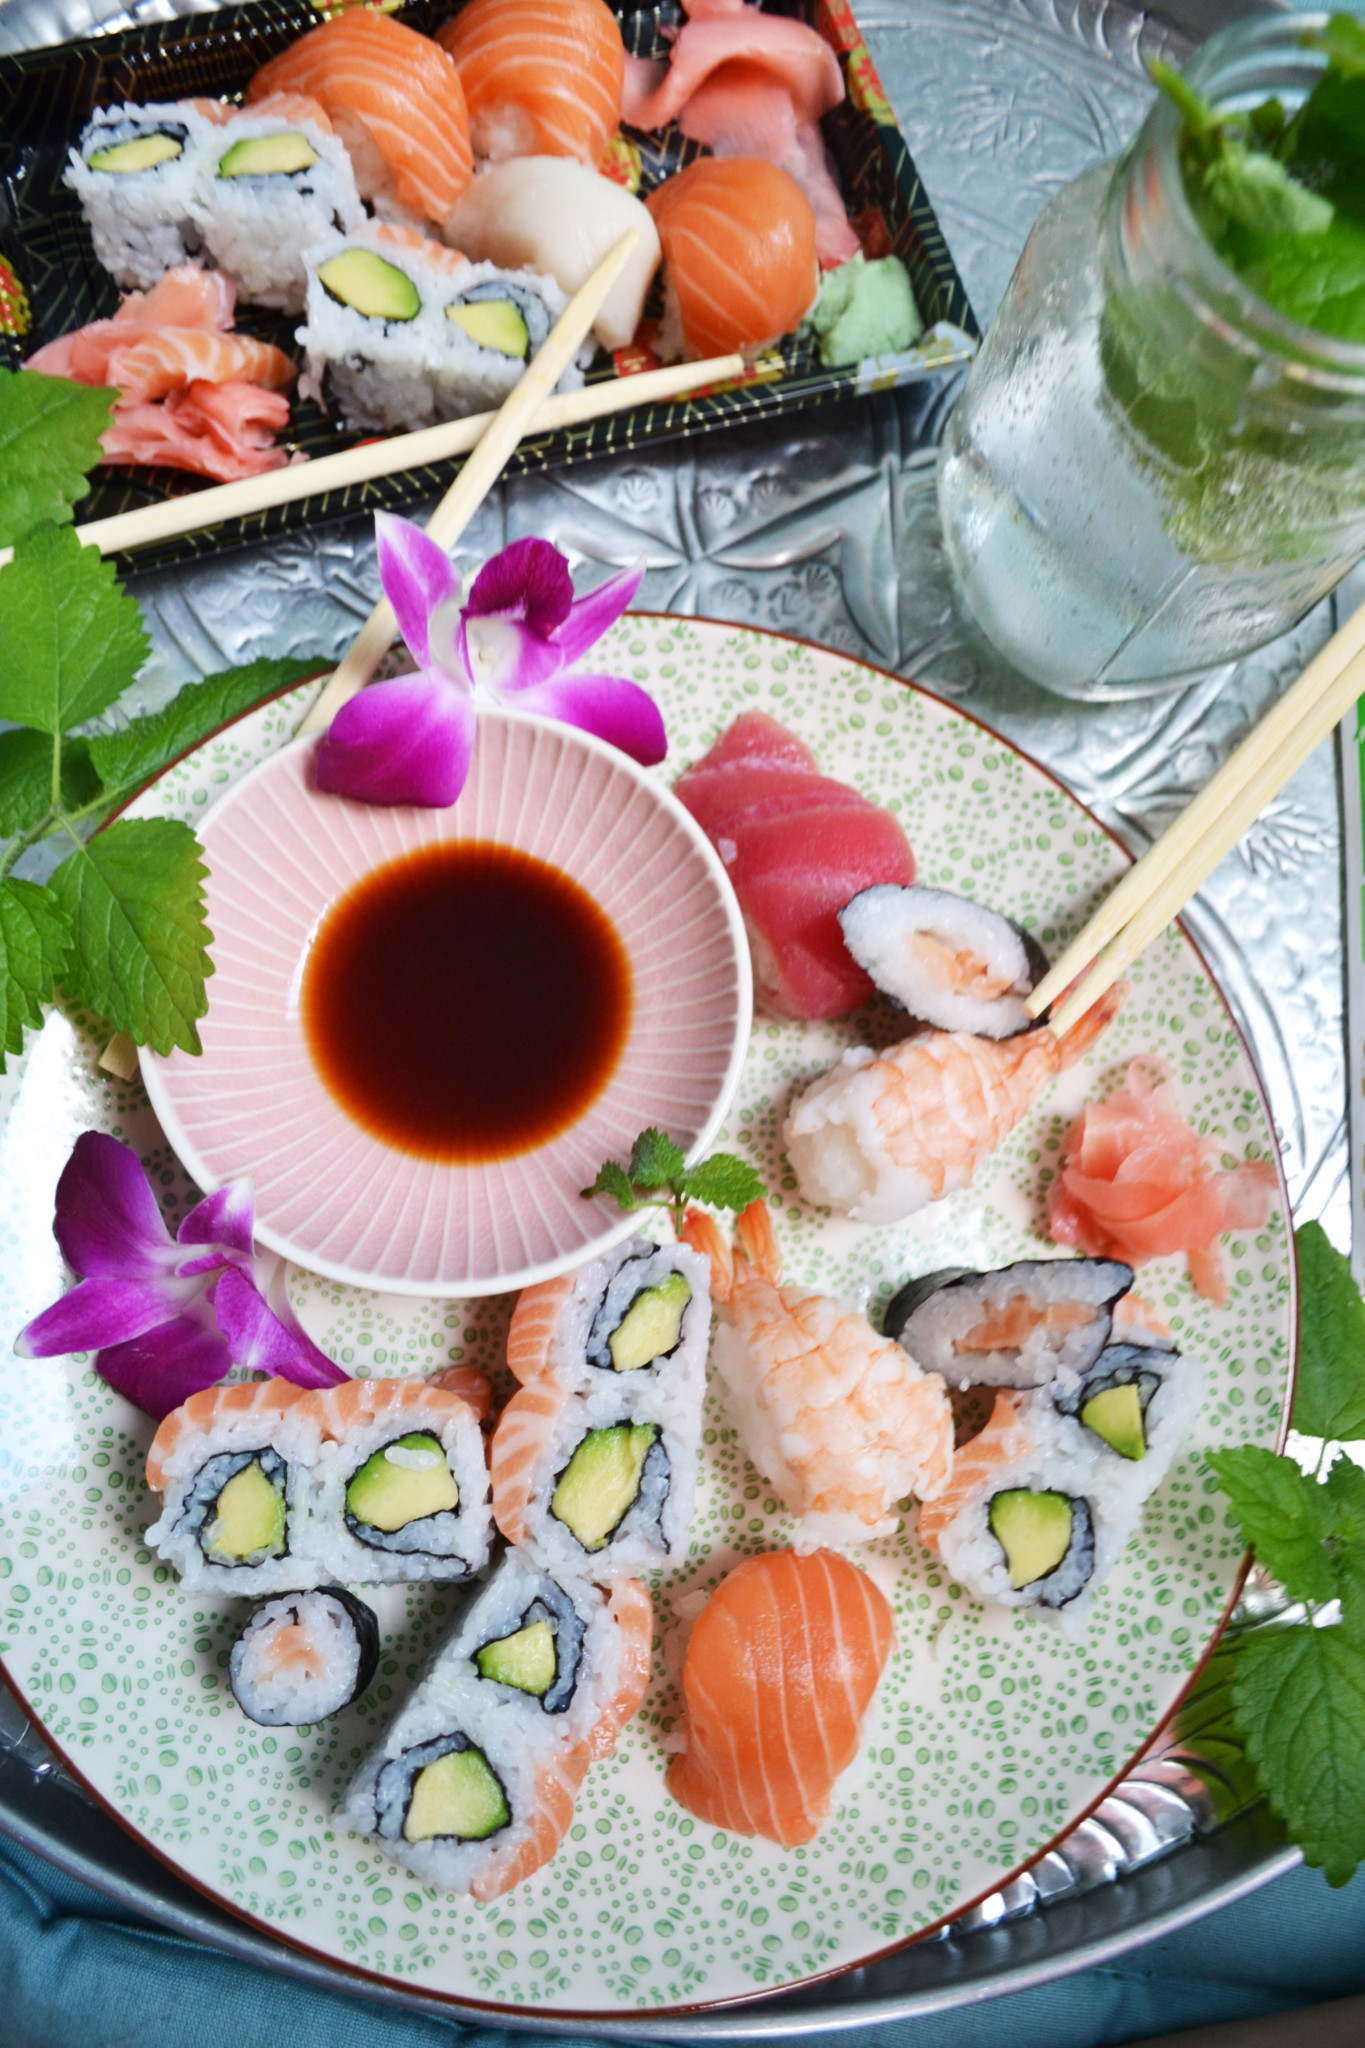 Bei Z10 bekommt ihr herrliches Sushi frisch und hübsch verpackt geliefert -  und dazu auch noch richtig schnell!